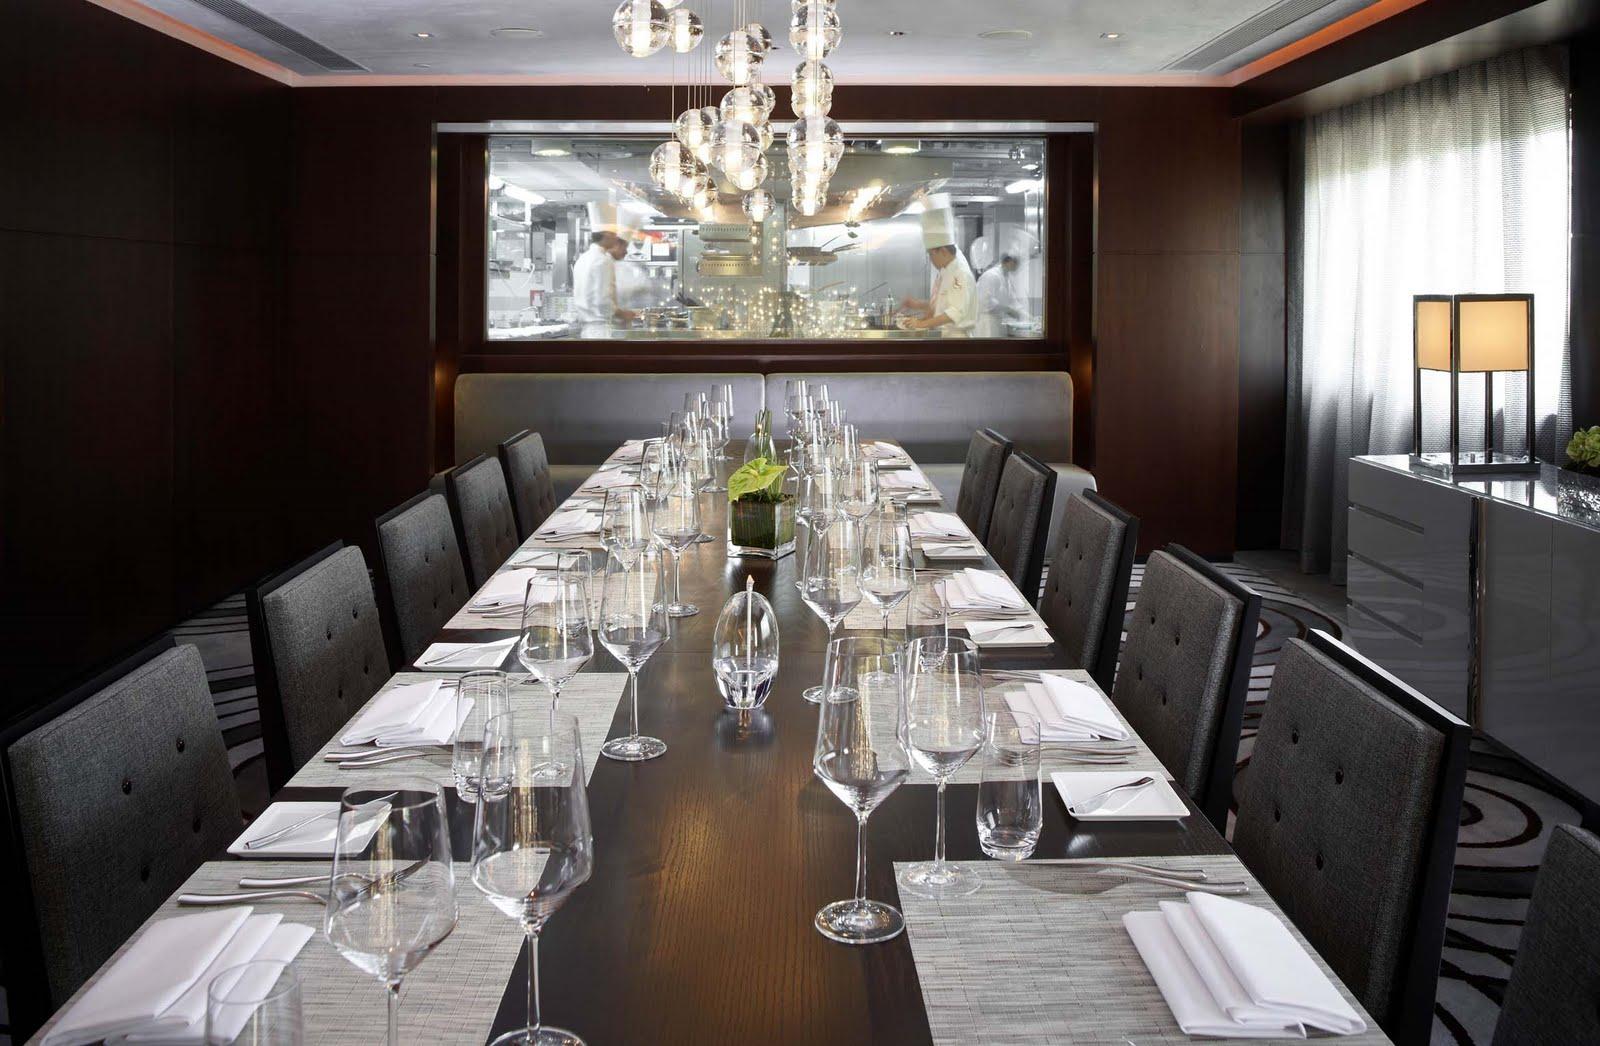 The mira hong kong modern french restaurant whisk